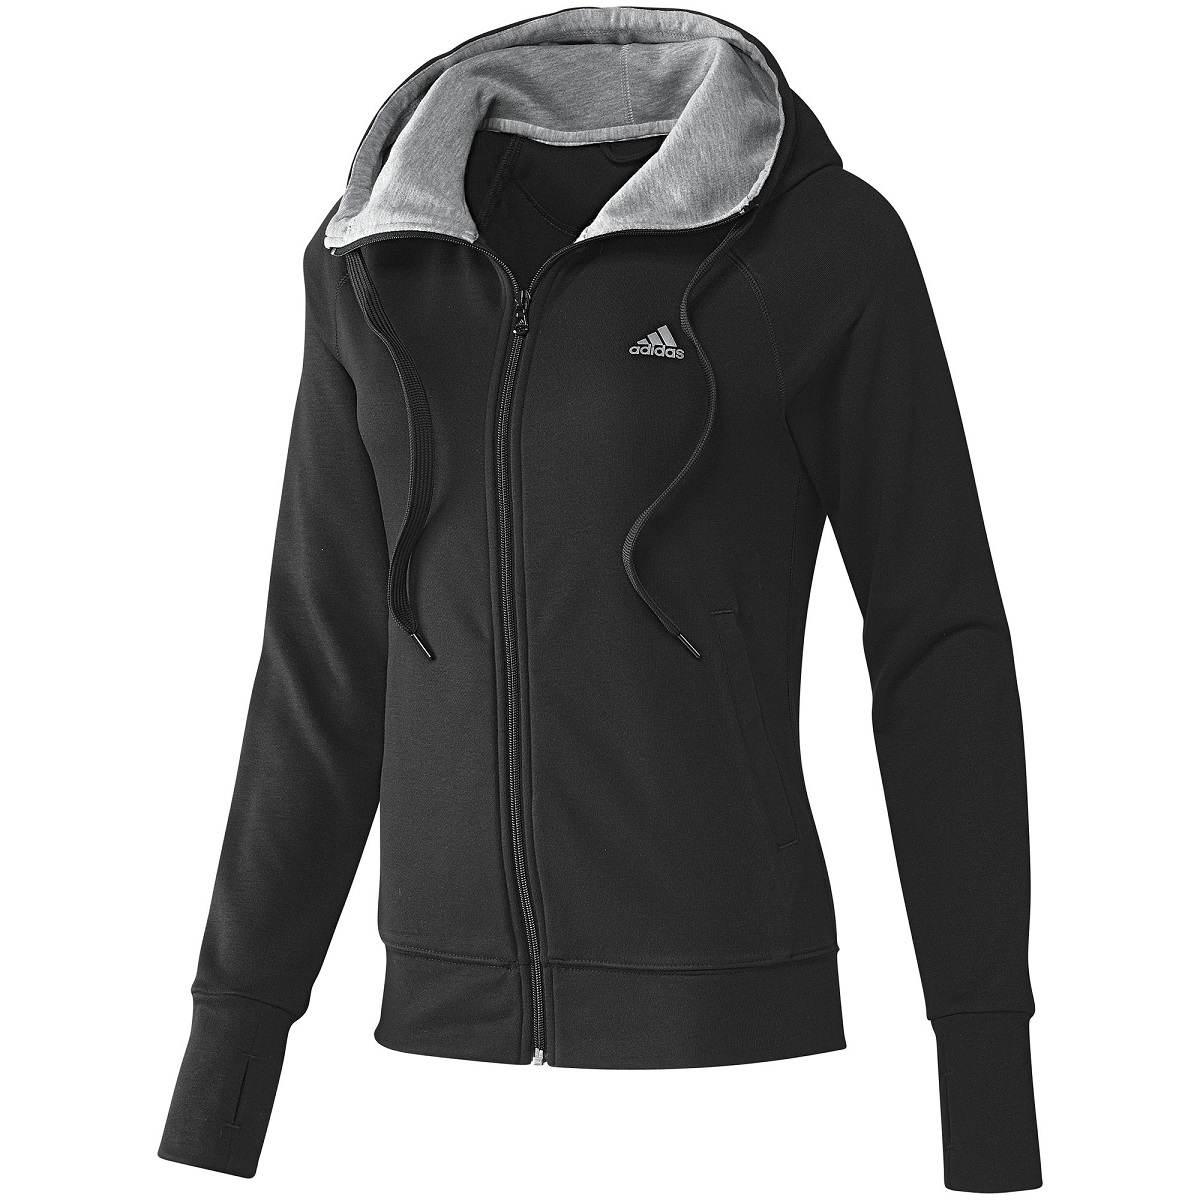 adidas prime hooded jacke kapuzenjacke trainingsjacke. Black Bedroom Furniture Sets. Home Design Ideas